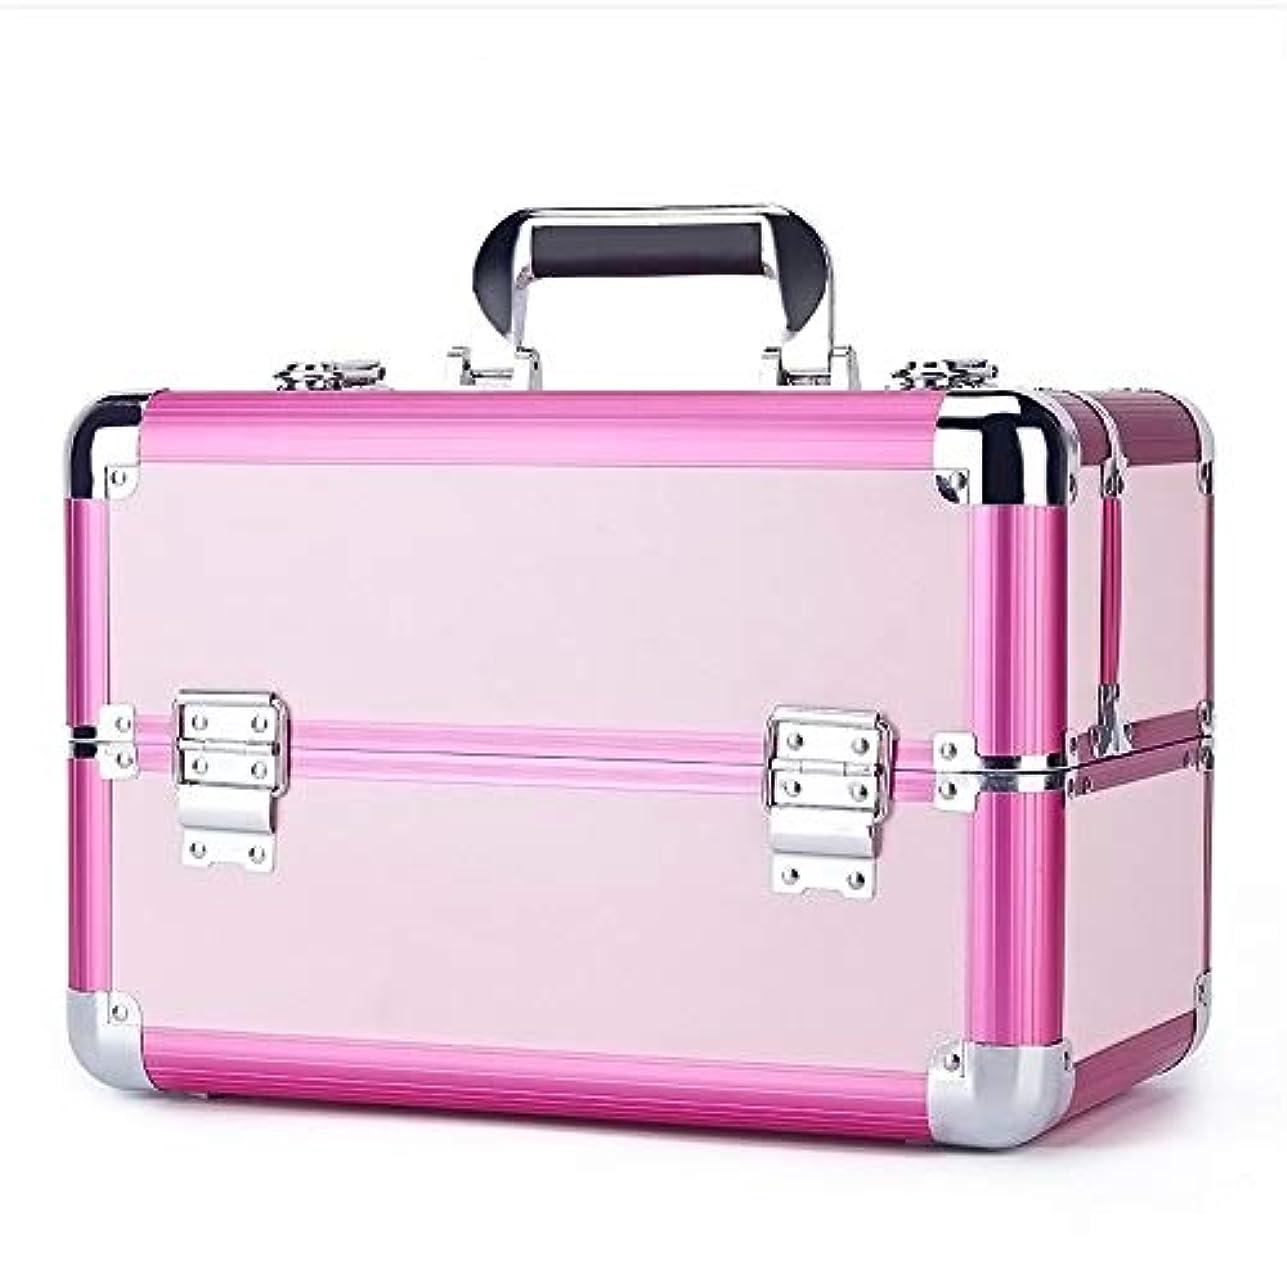 スピーチ激怒蒸発する化粧オーガナイザーバッグ 旅行メイクアップバッグパターンメイクアップアーティストケーストレインボックス化粧品オーガナイザー収納用十代の女の子女性アーティスト 化粧品ケース (色 : ピンク)